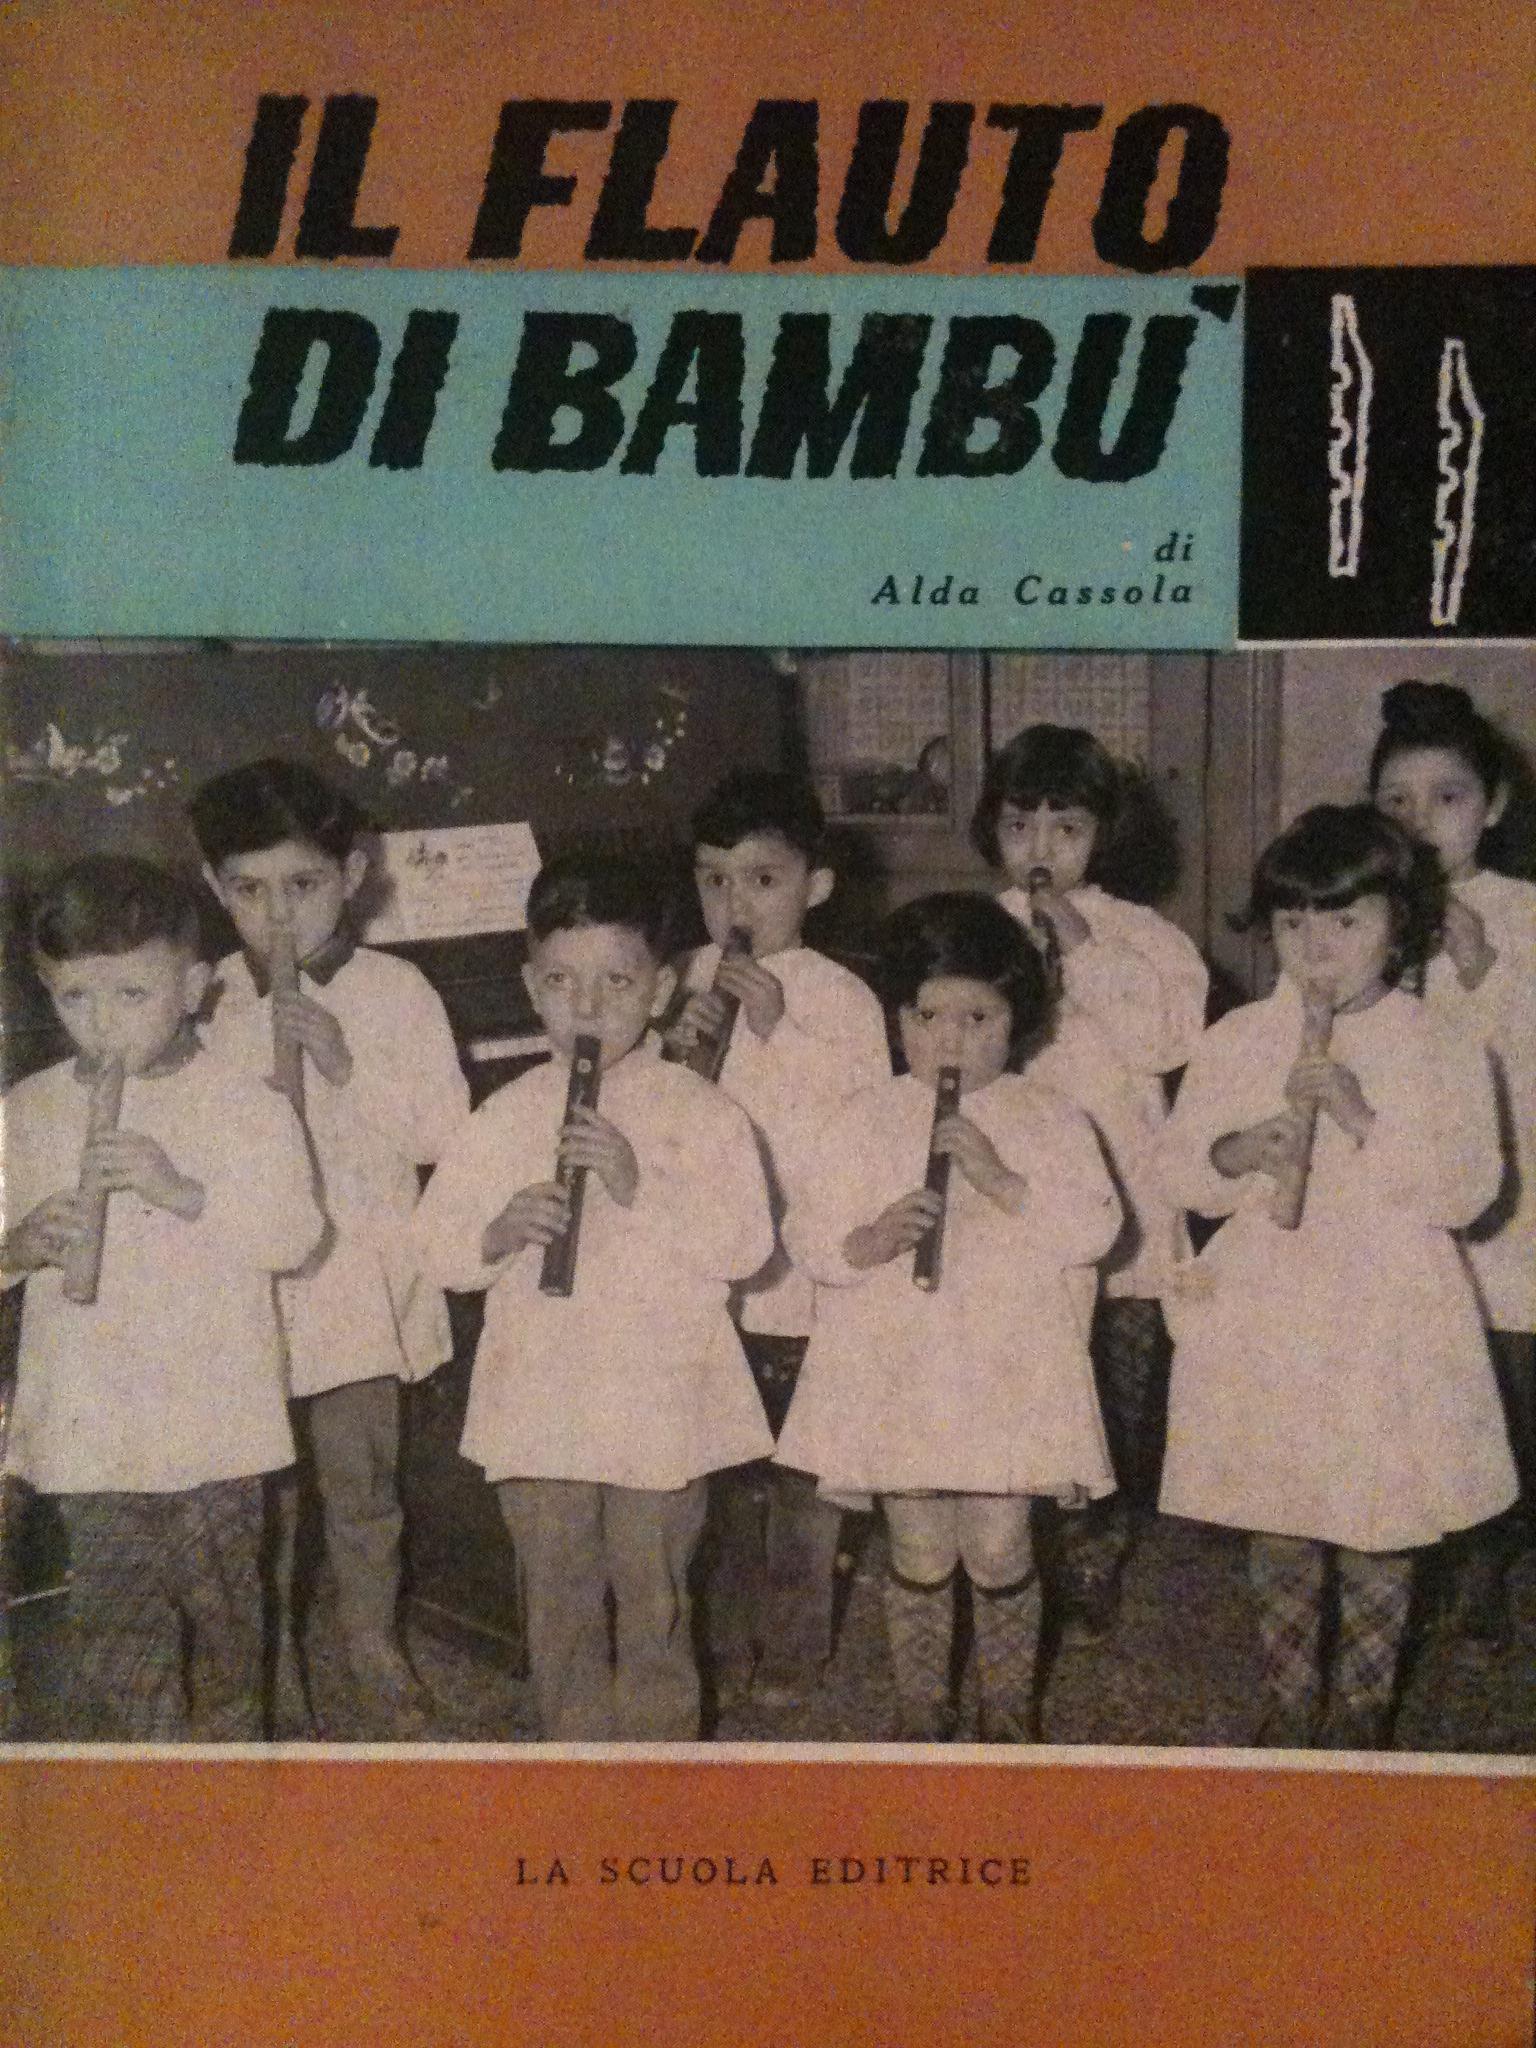 Il flauto di bambù